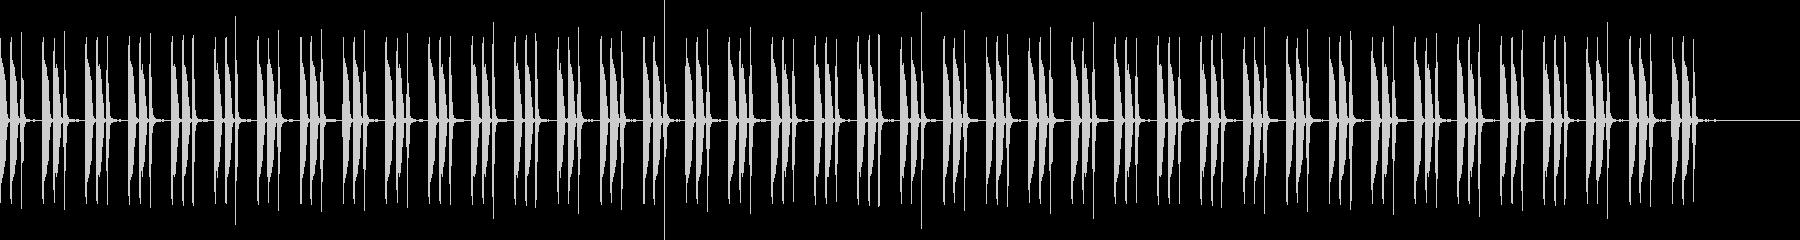 手拍子+打楽器/ズンズンチャの未再生の波形